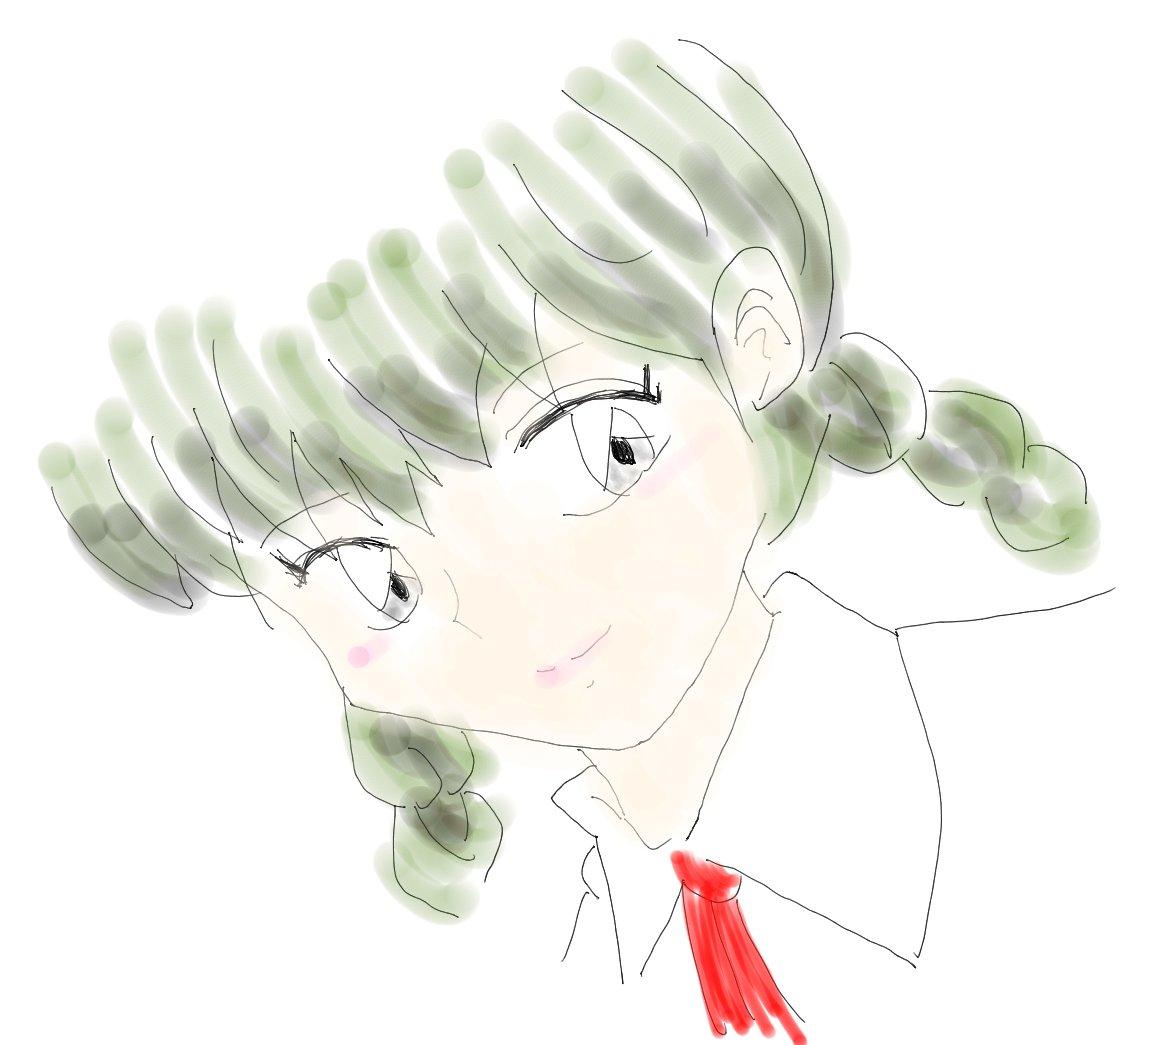 #高橋留美子5作品版深夜の真剣お絵描き60分一本勝負お題「真宮  桜」RINNEが大好きすぎて2つ目を投稿します。境界の